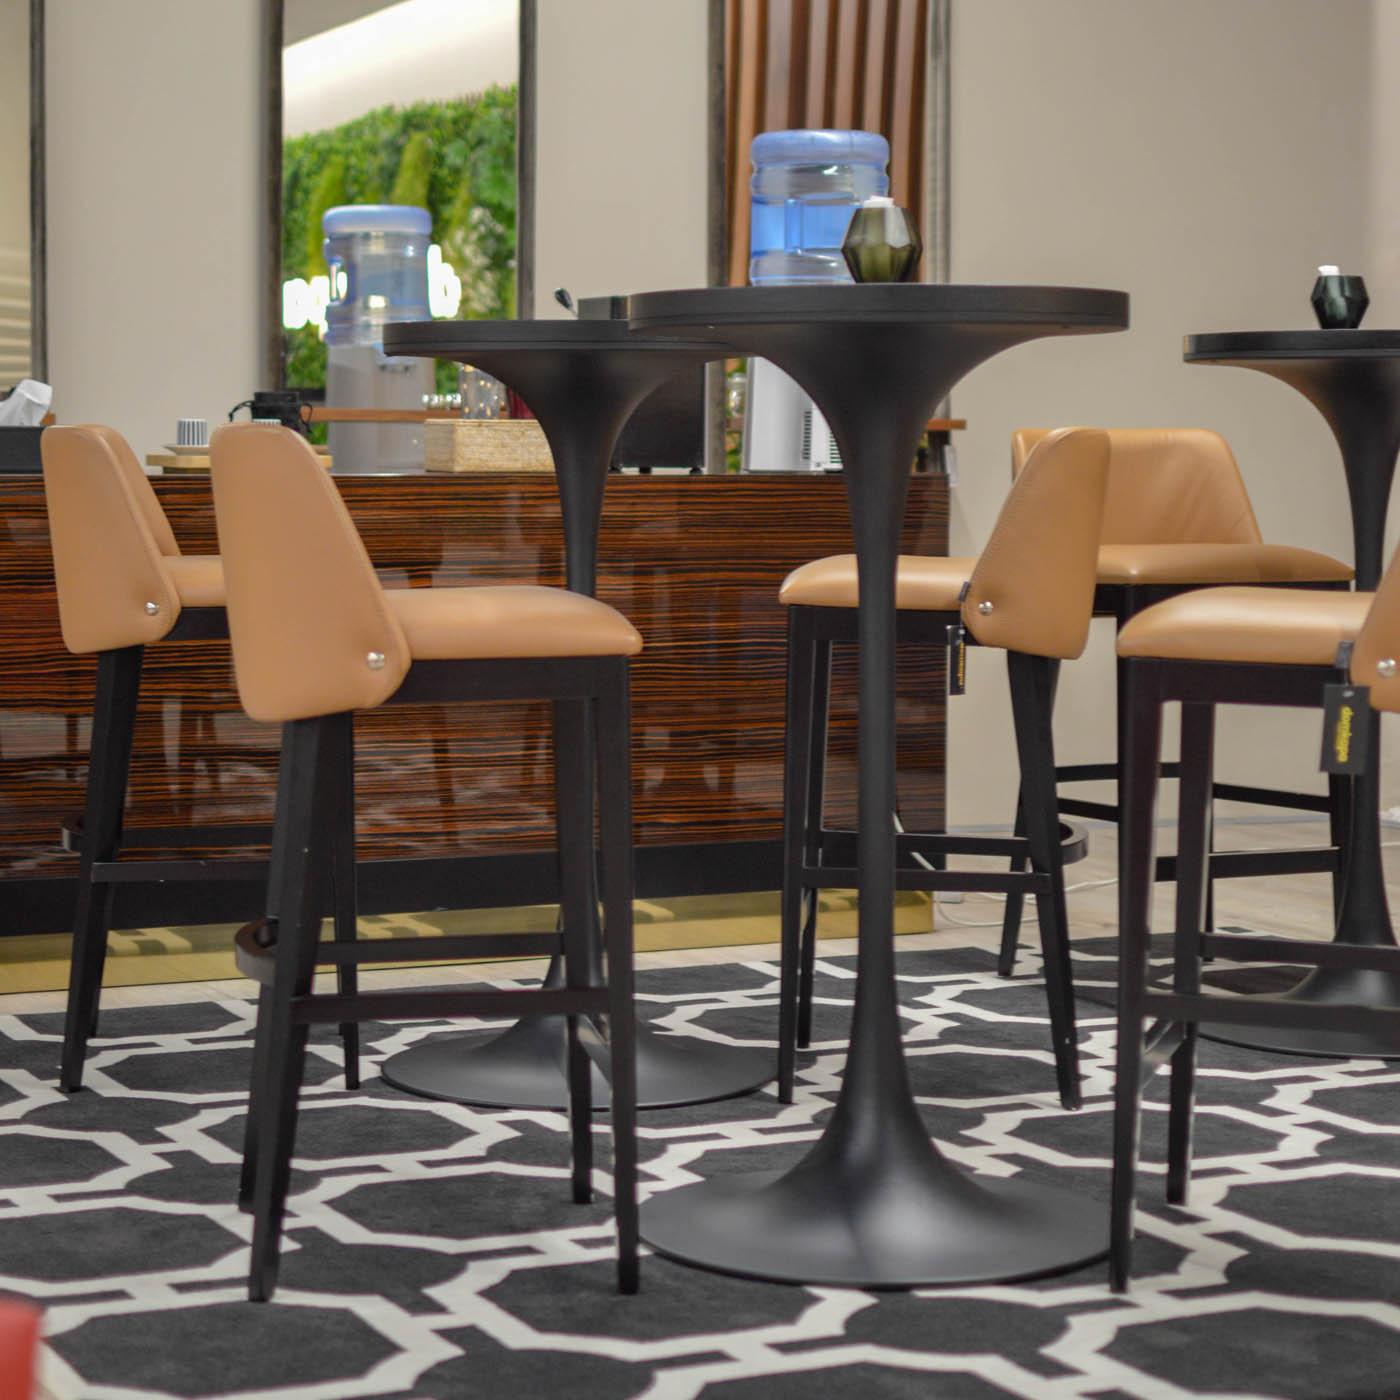 mesas altas e cadeiras altas - promoçoes escaldantes - domkapa